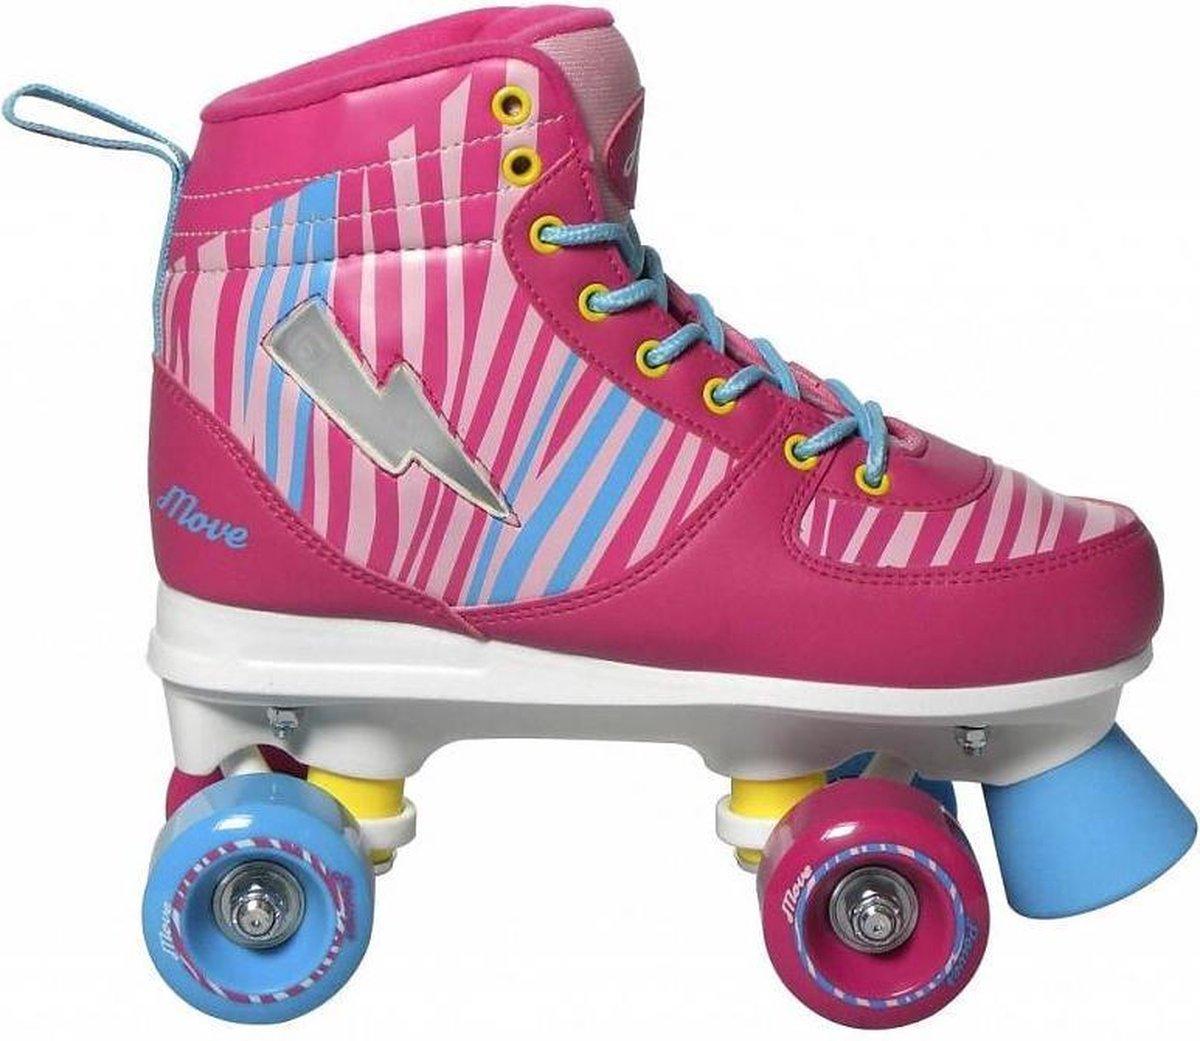 Move Rolschaatsen Quad Zebra Meisjes Roze Maat 35/36